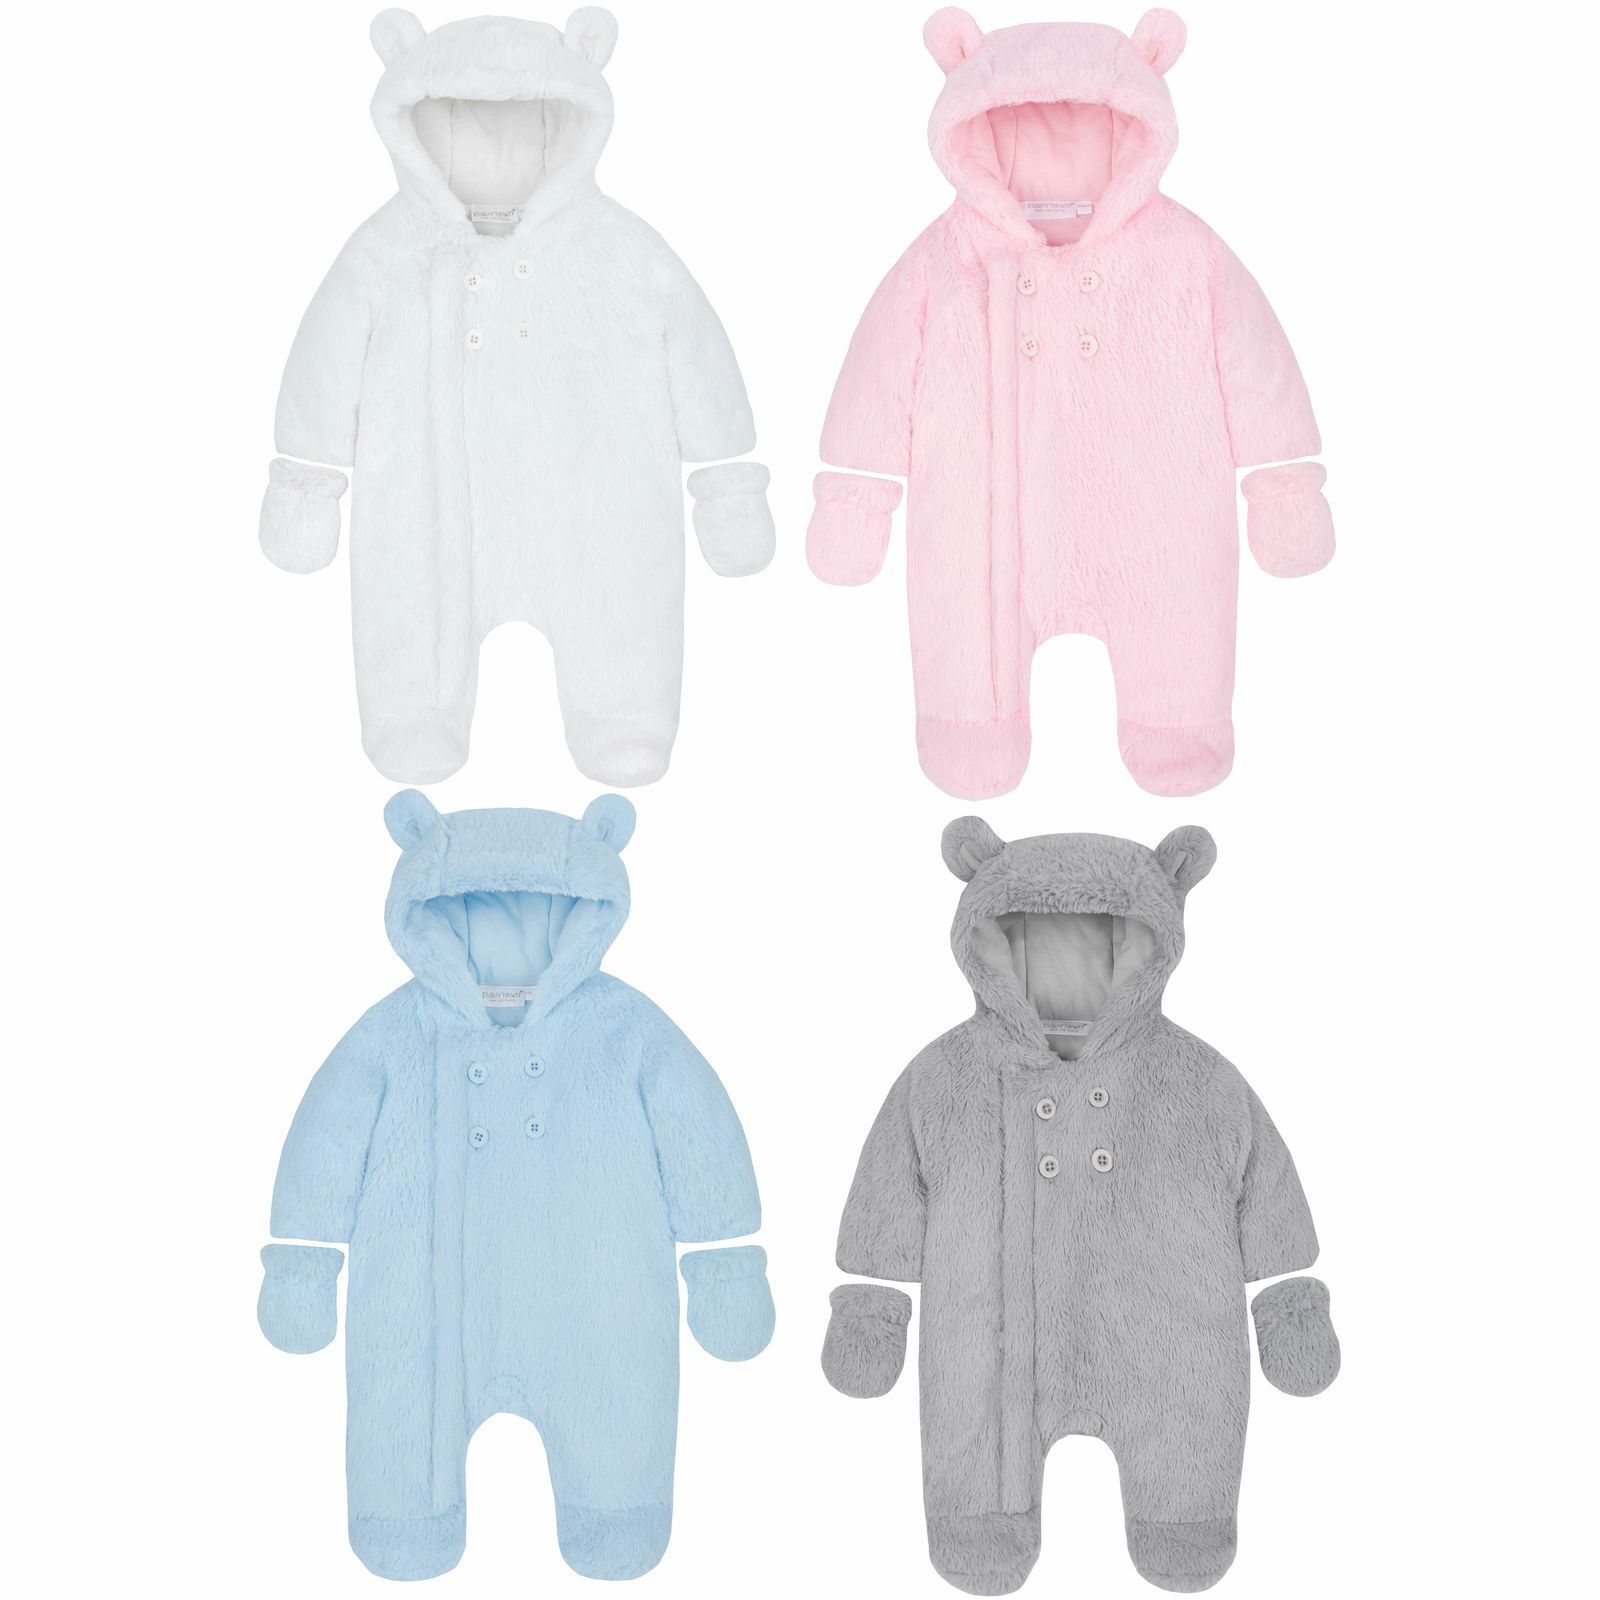 e5c2fb18a Baby Boys Girls Unisex Snowsuit Pram Suit Lined Detachable Mitts ...